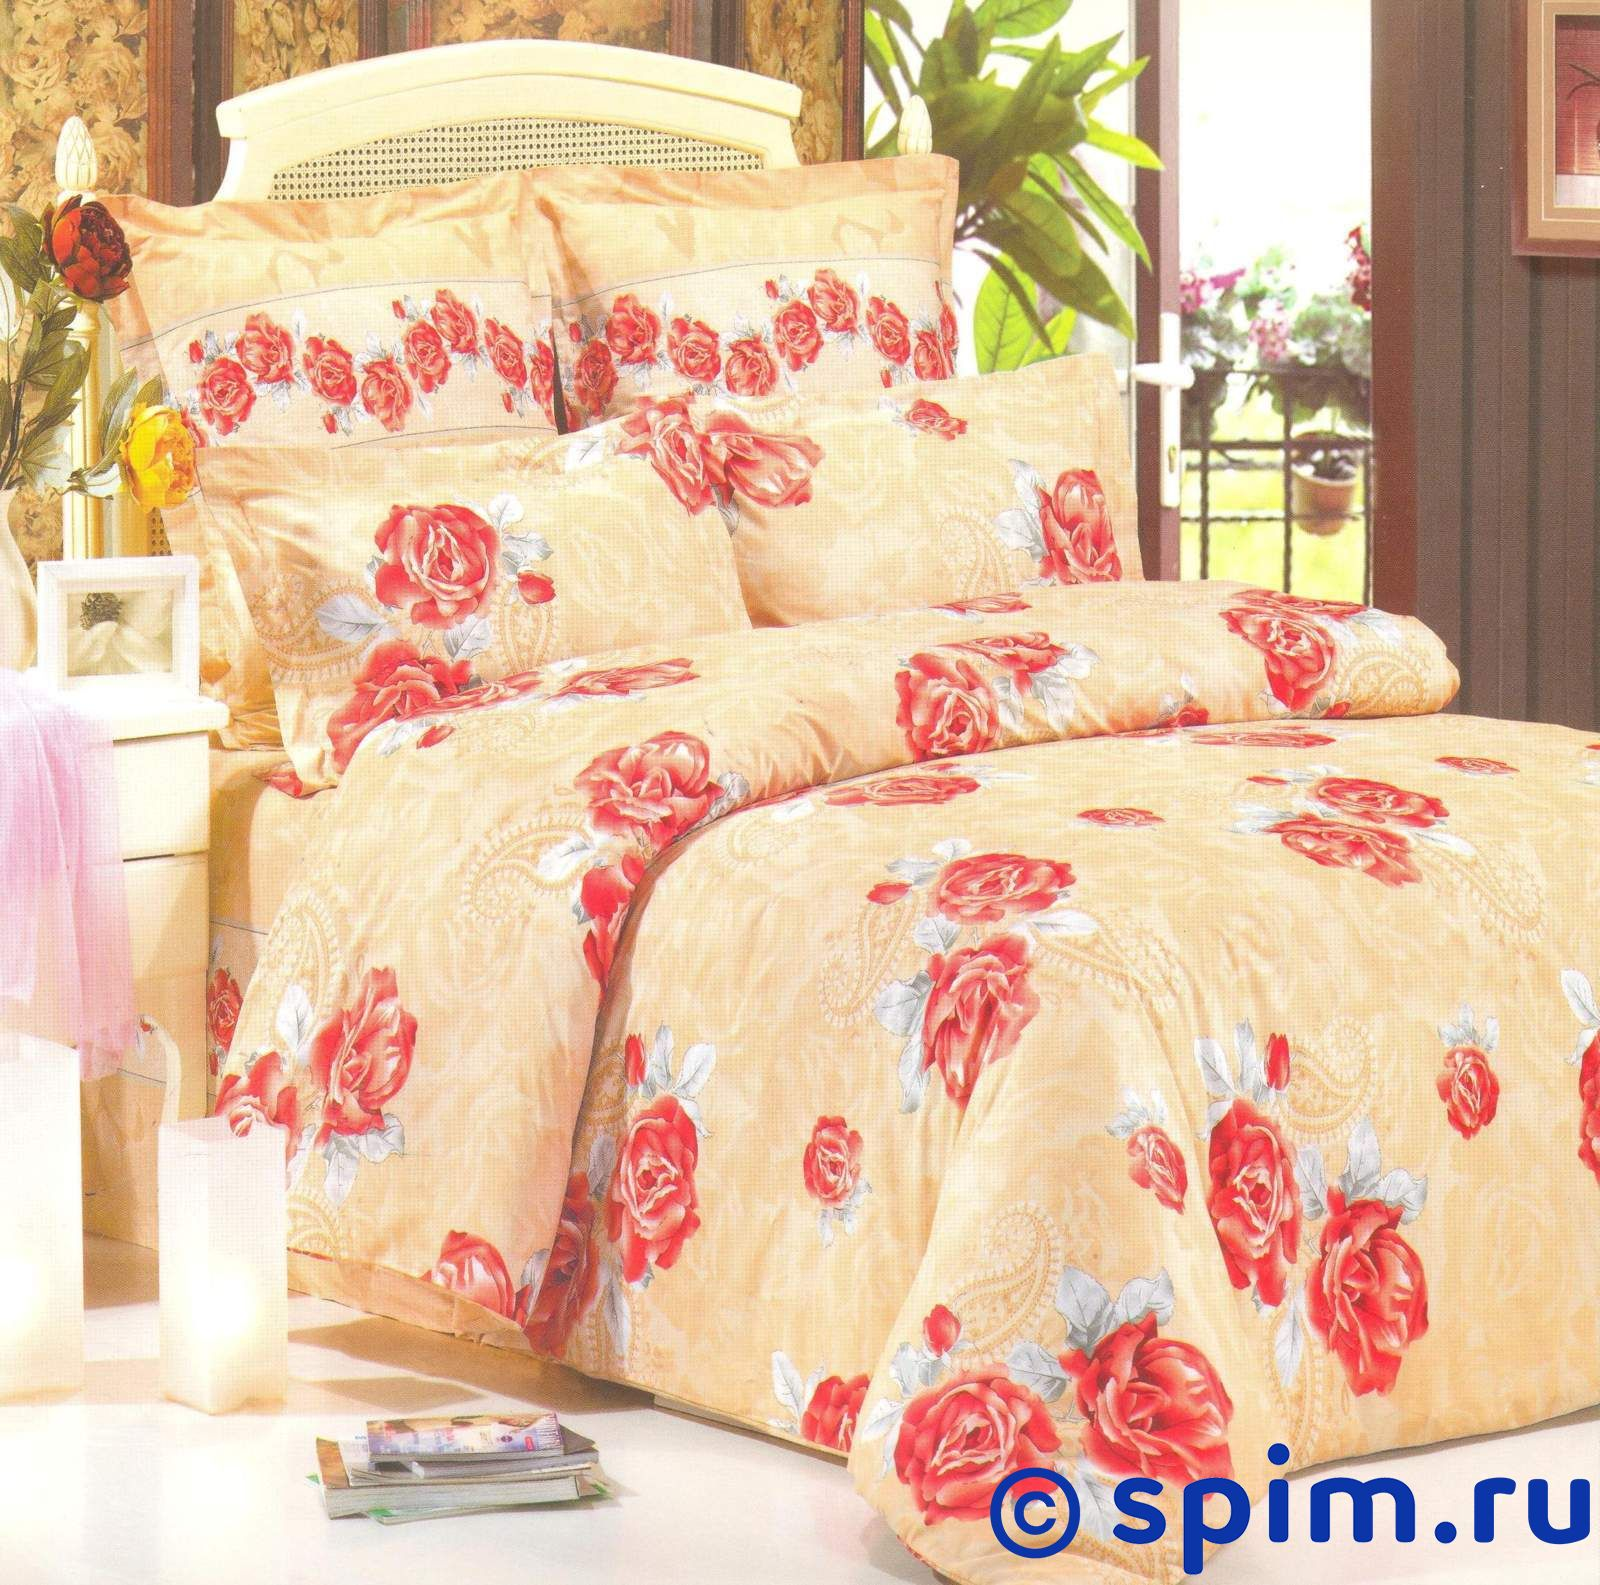 Комплект СайлиД В73 1.5 спальное